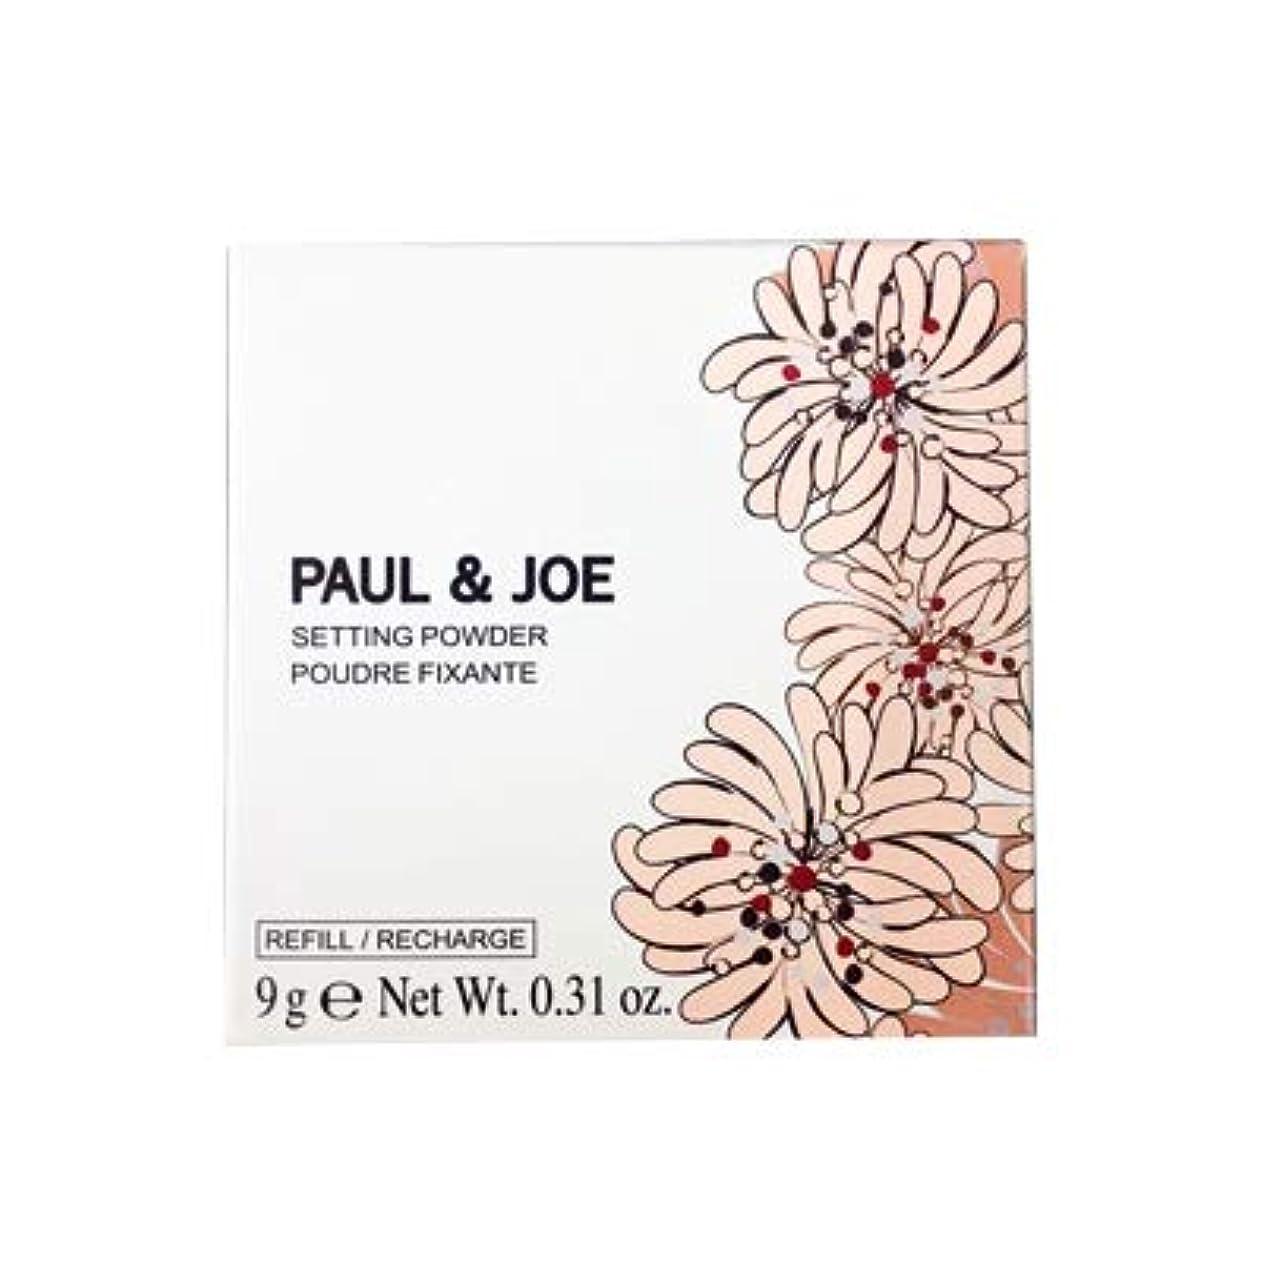 マントメディック乳ポール & ジョー/PAUL & JOE セッティング パウダー ケース #01 [ ケース ] [並行輸入品]